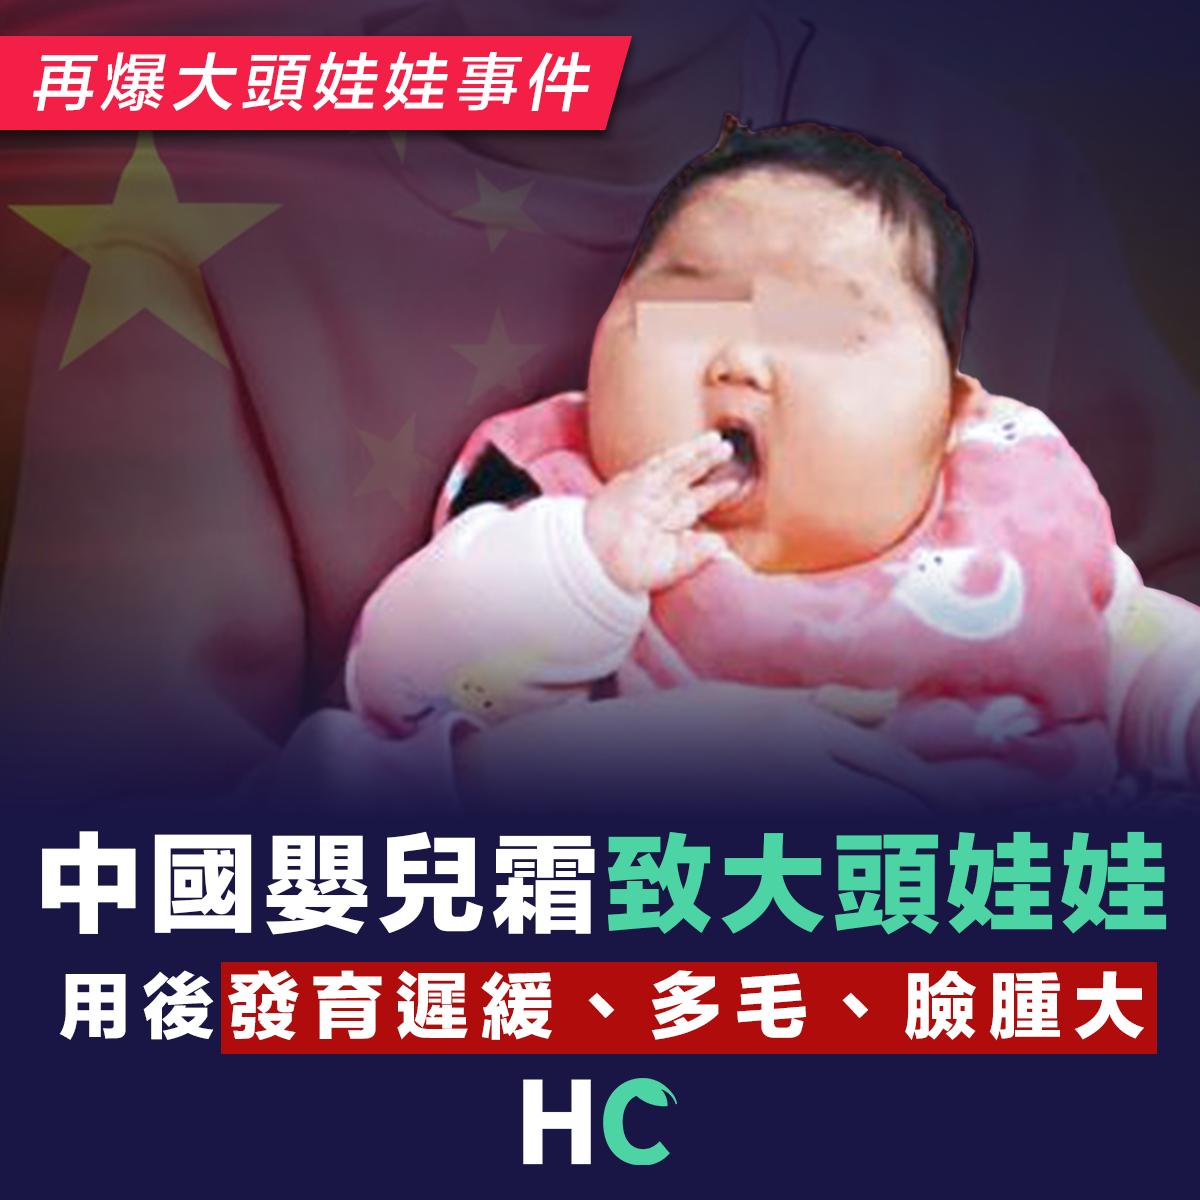 中國爆嬰兒霜大頭娃娃事件 用後發育遲緩、多毛、臉腫大